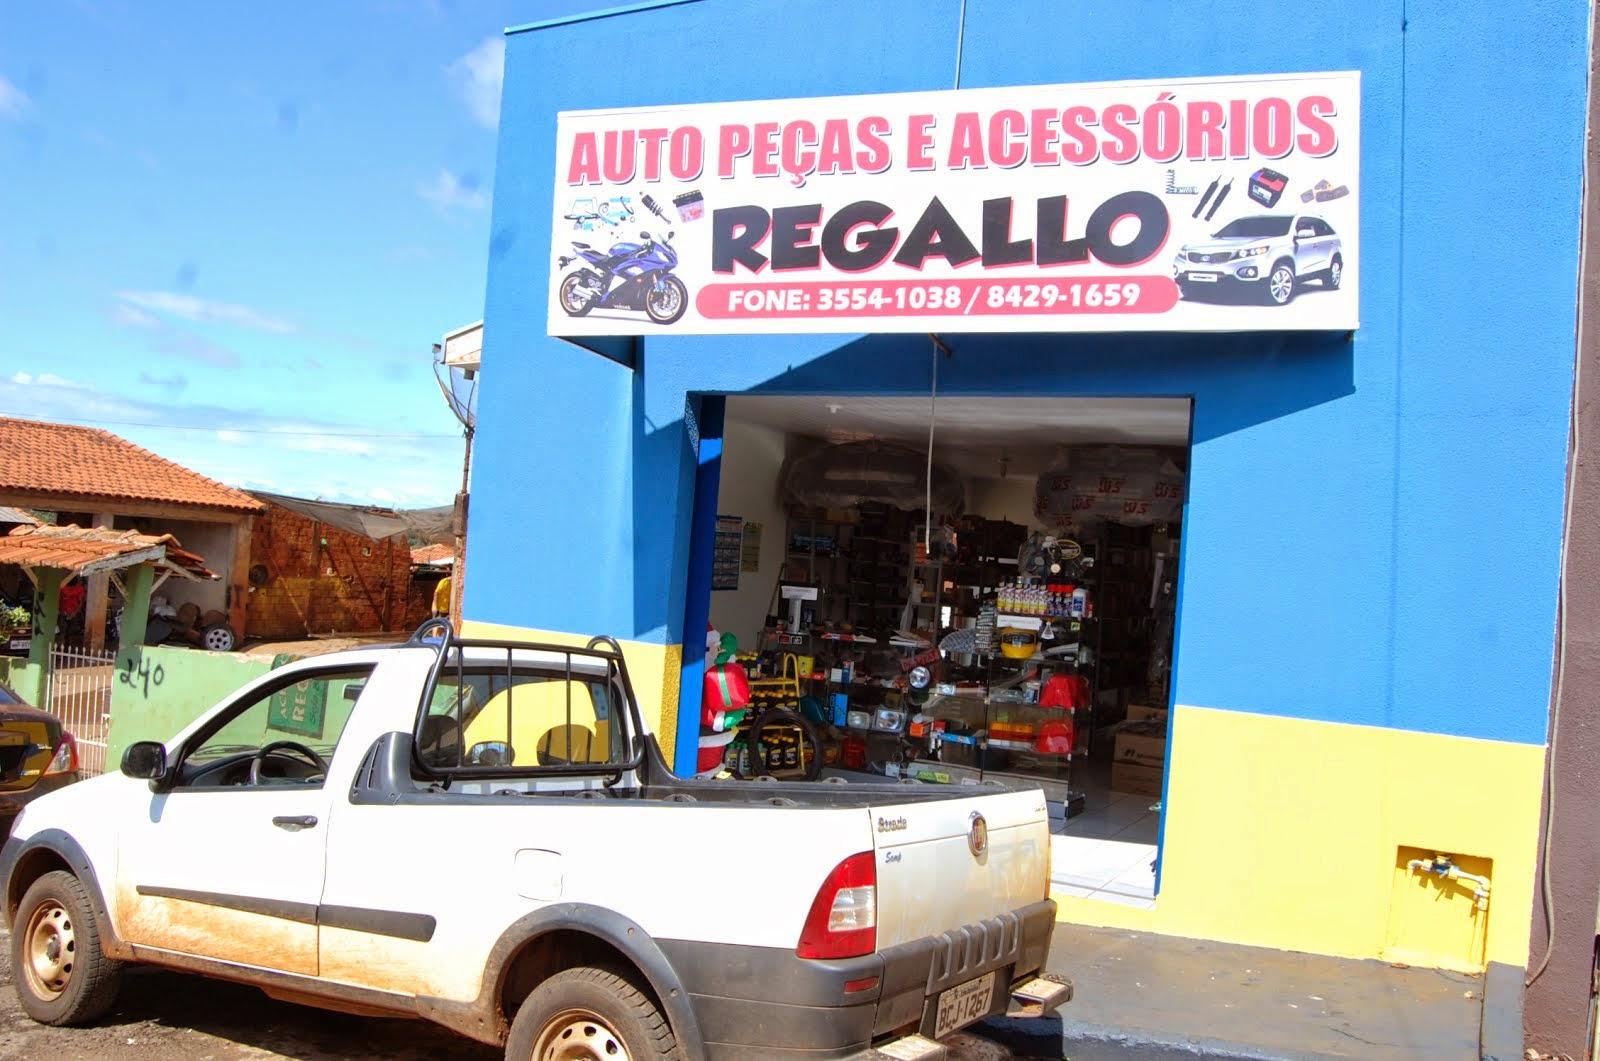 AUTO PEÇAS E ACESSÓRIOS REGALO..